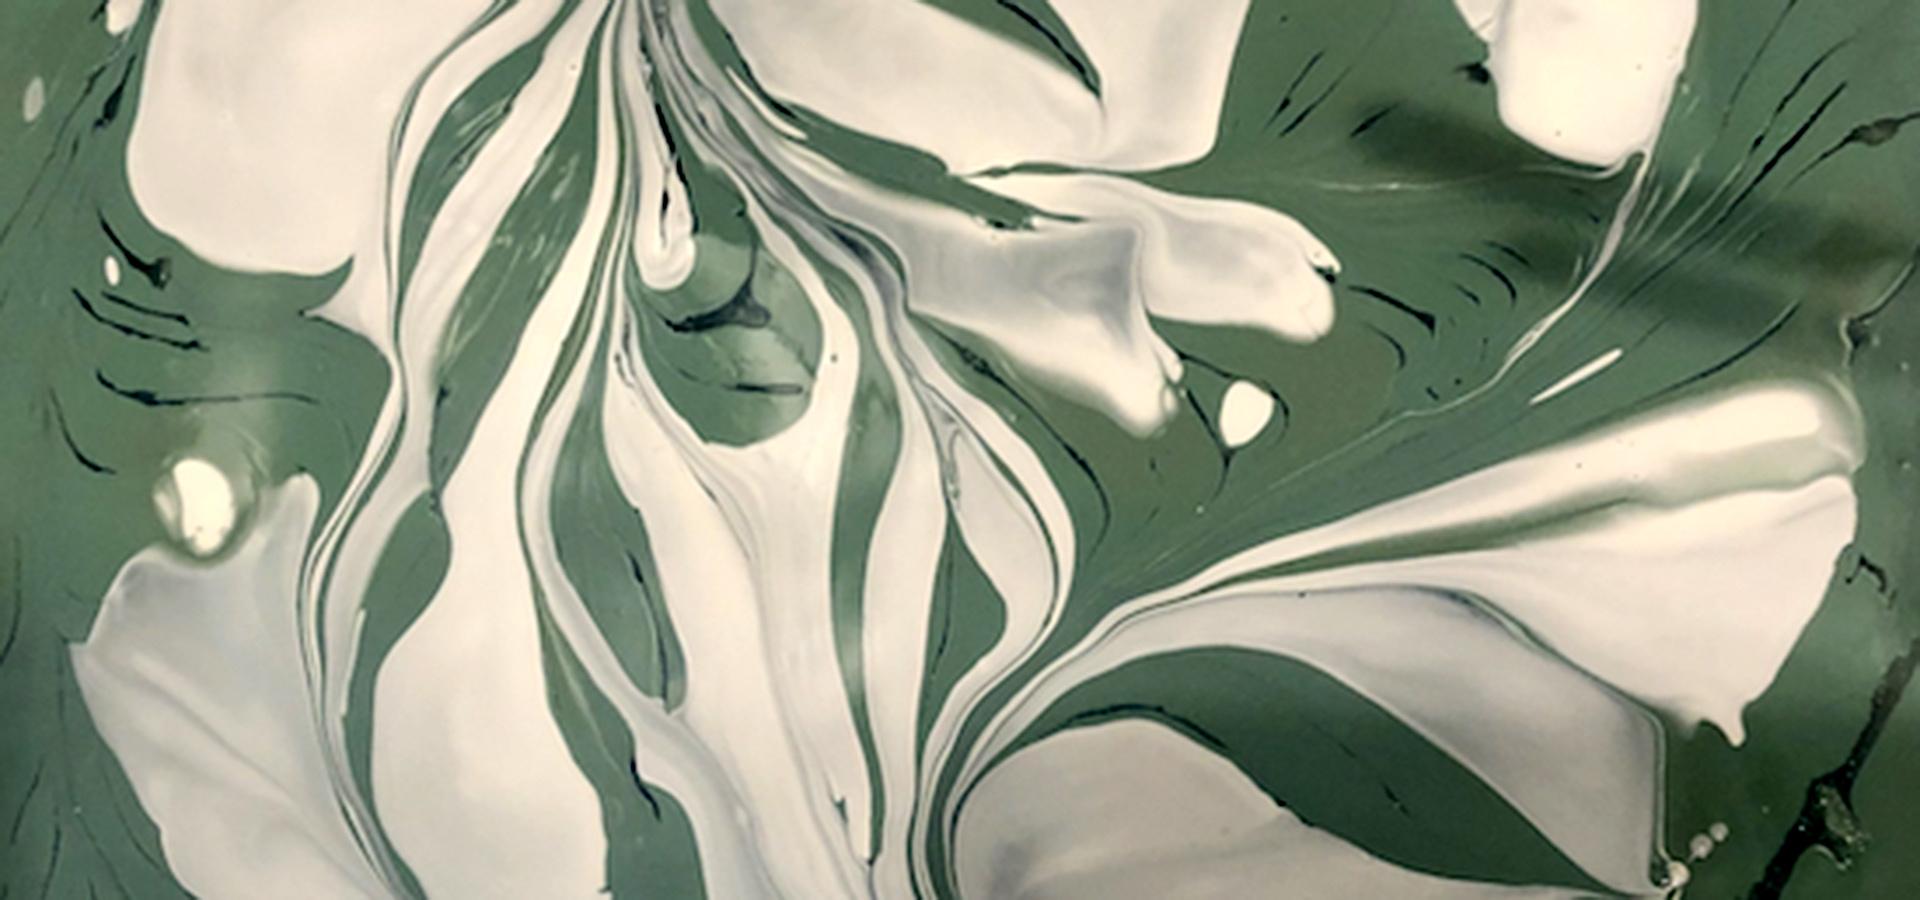 Green and white swirled paint